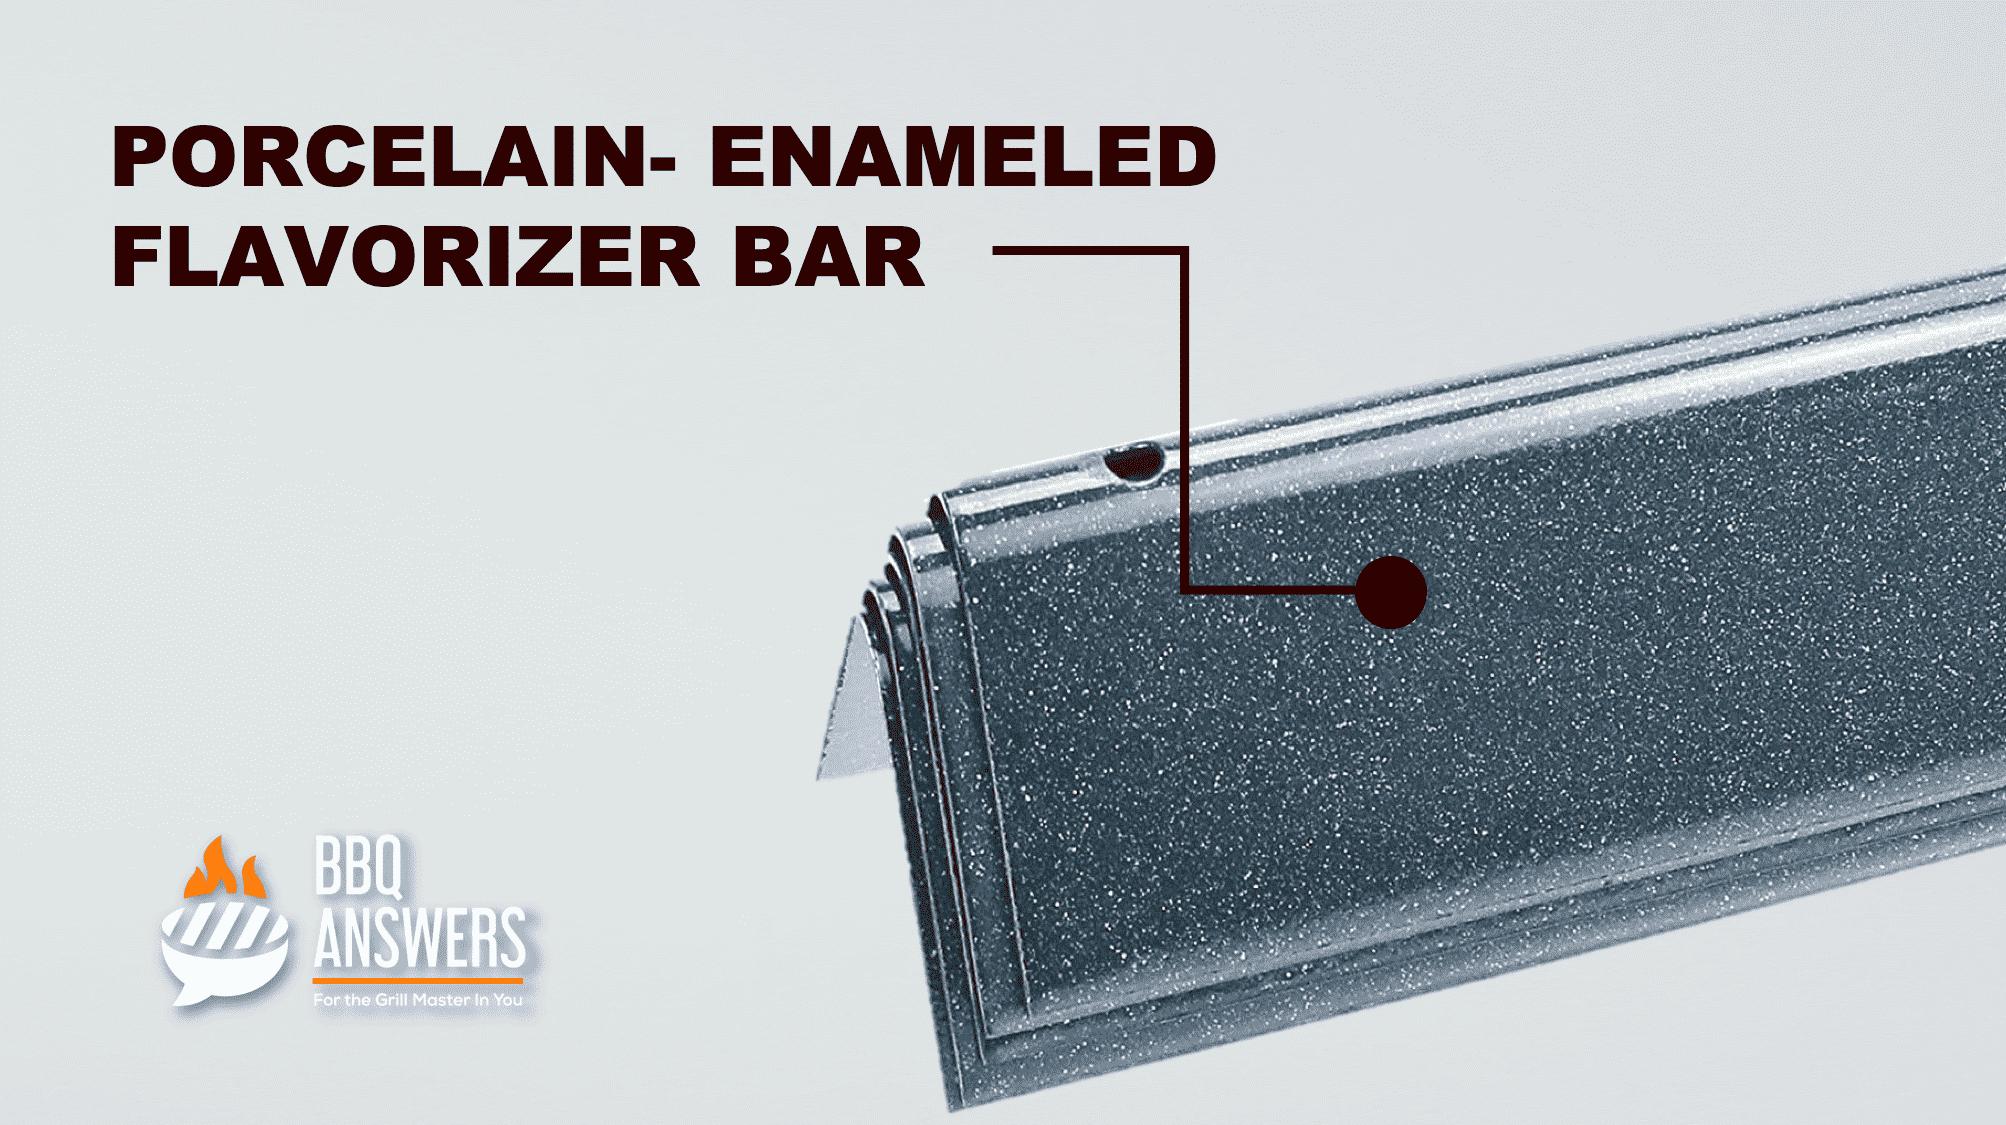 Porcelain Enameled Flavorizer Bar | BBQanswers